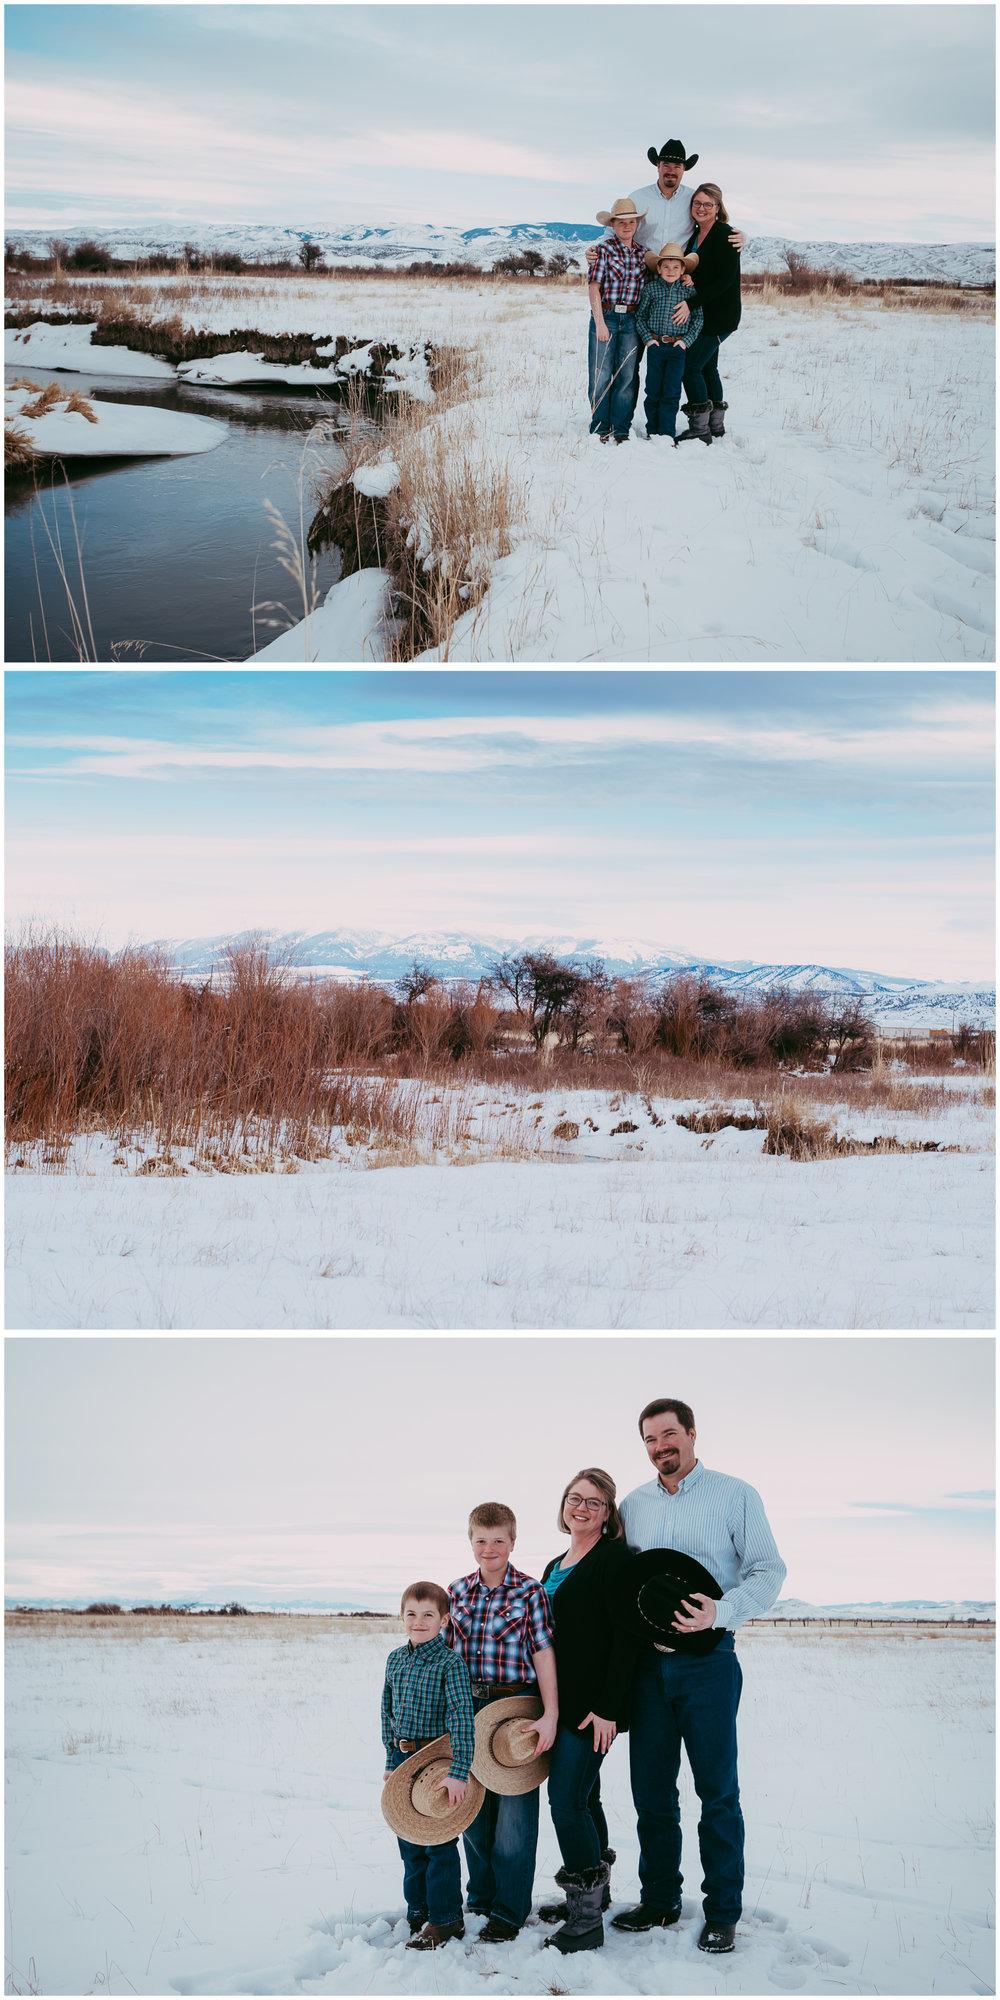 Cowboys & Snowballs